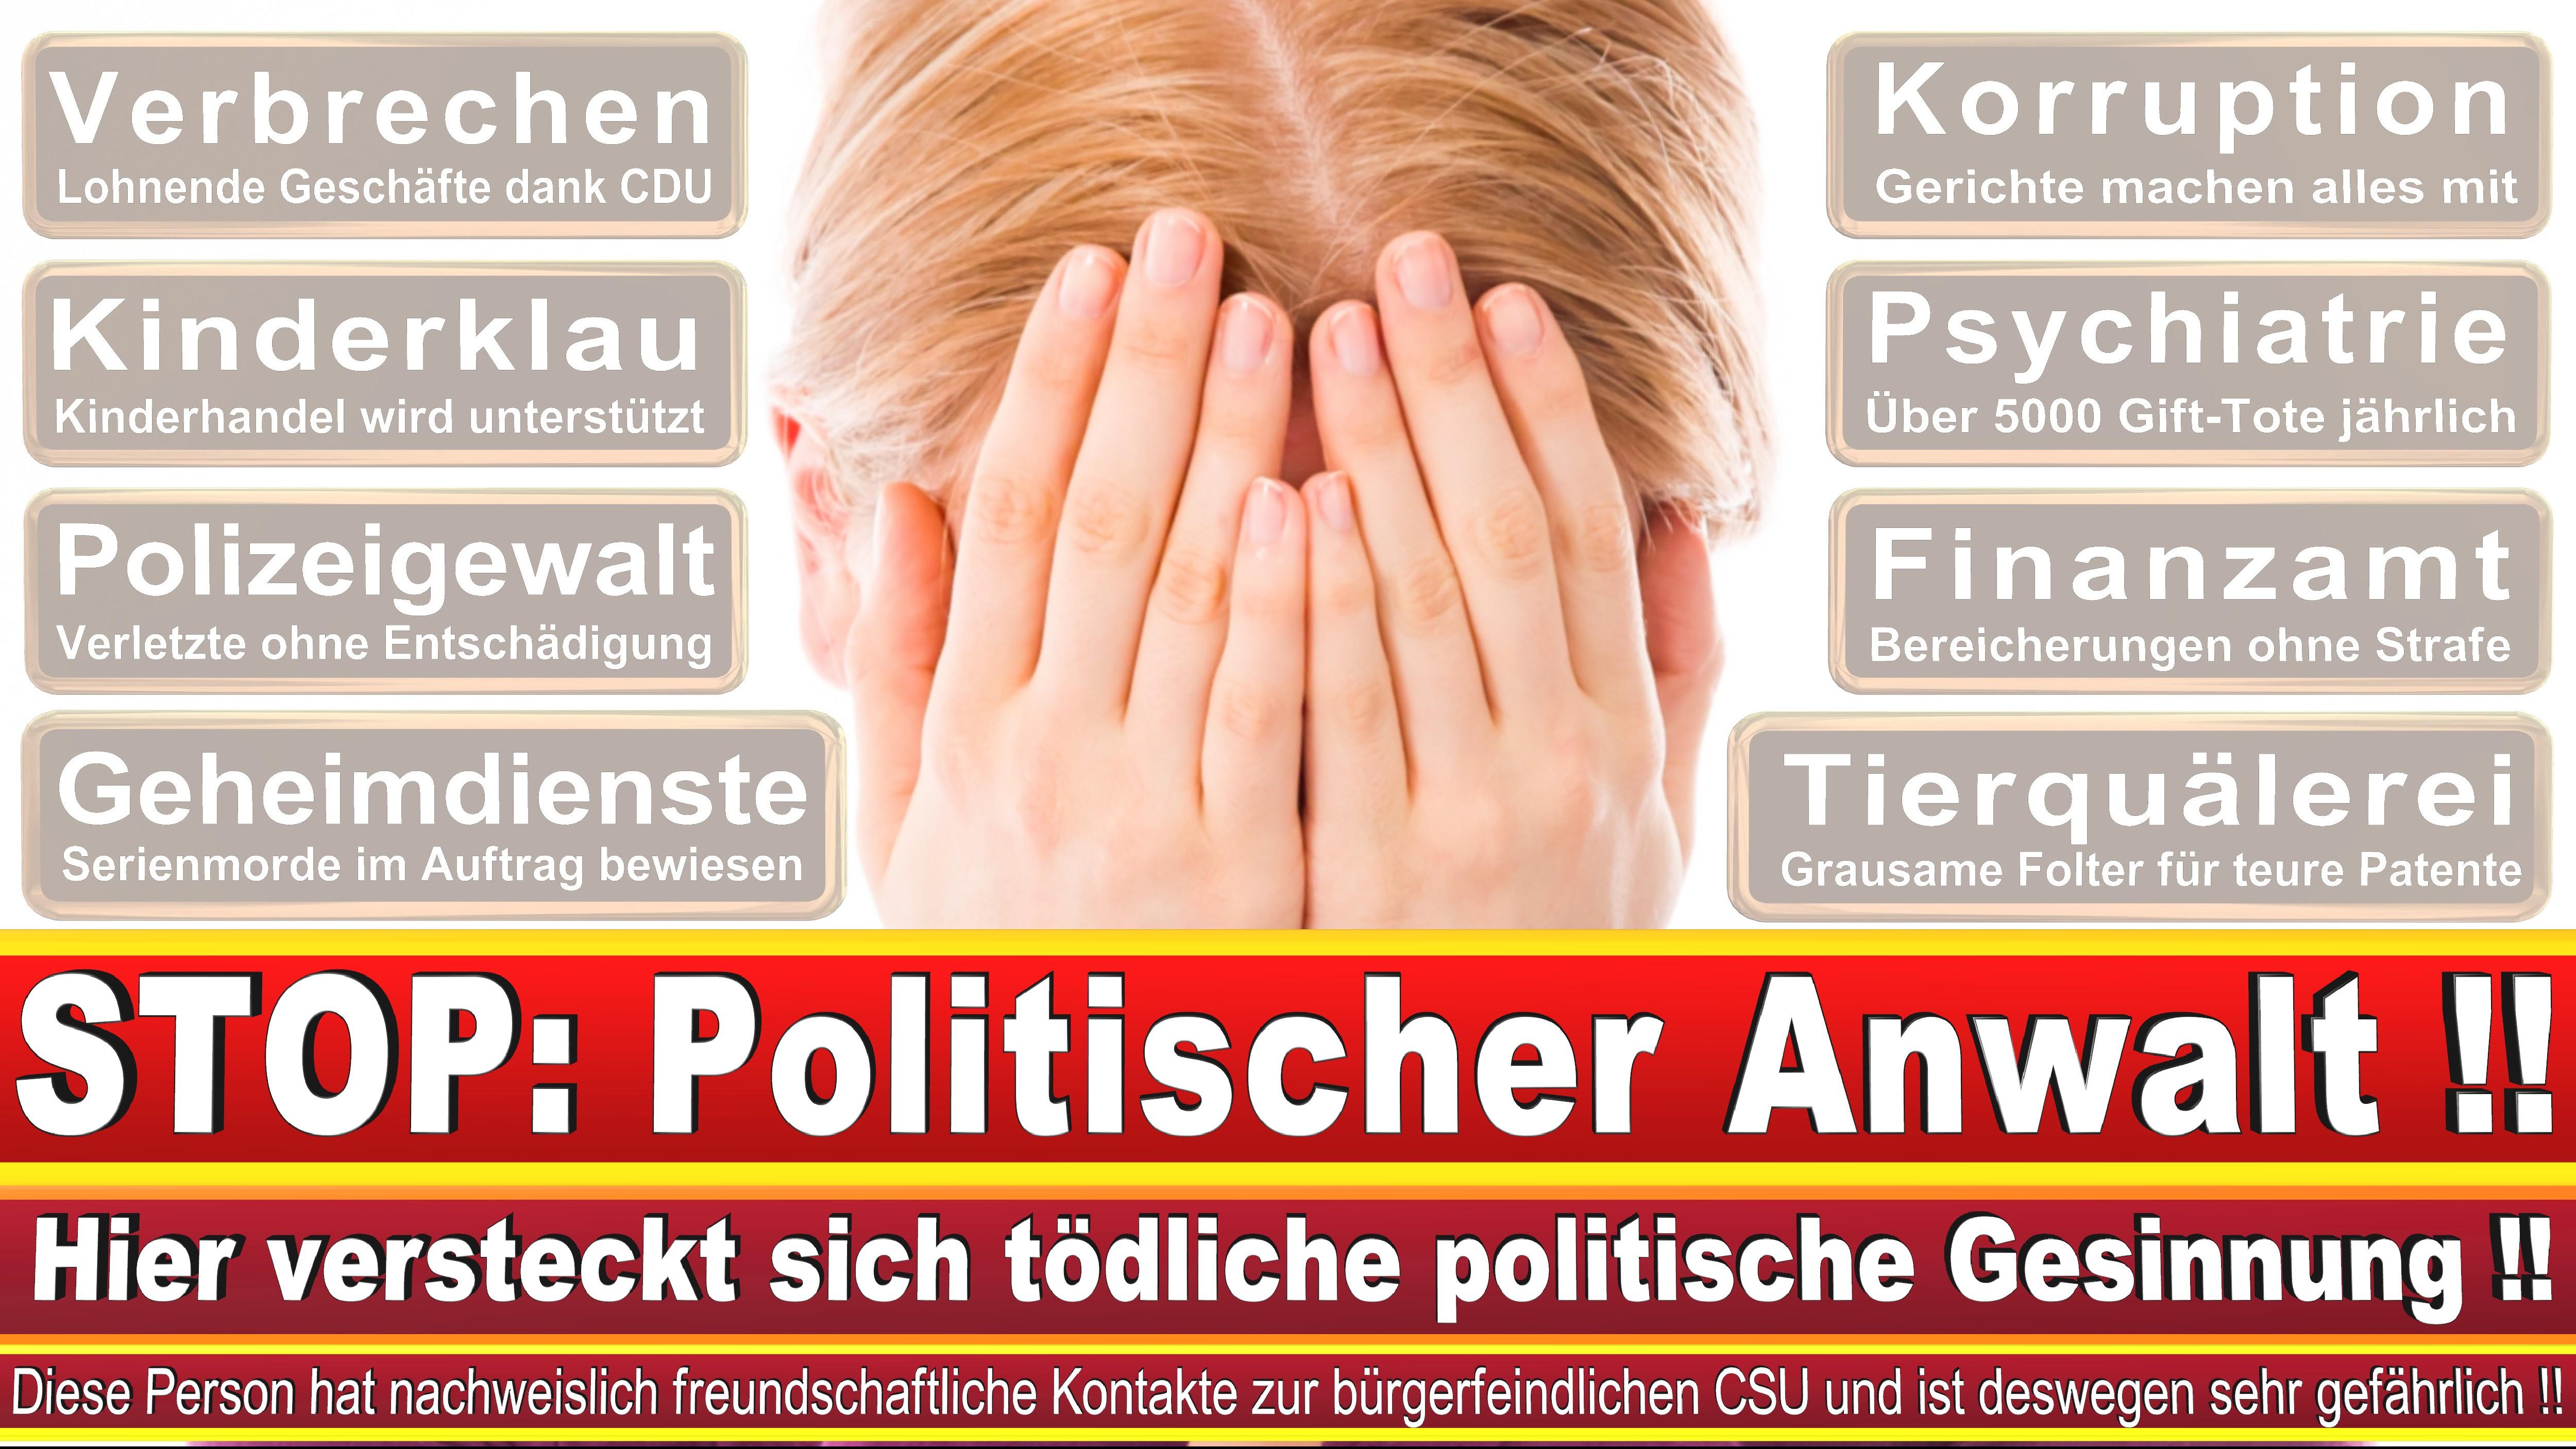 Rechtsanwalt Fabian Kesseler Solingen Leiter Amt Für Wohnungswesen Klingenstadt Solingen 1